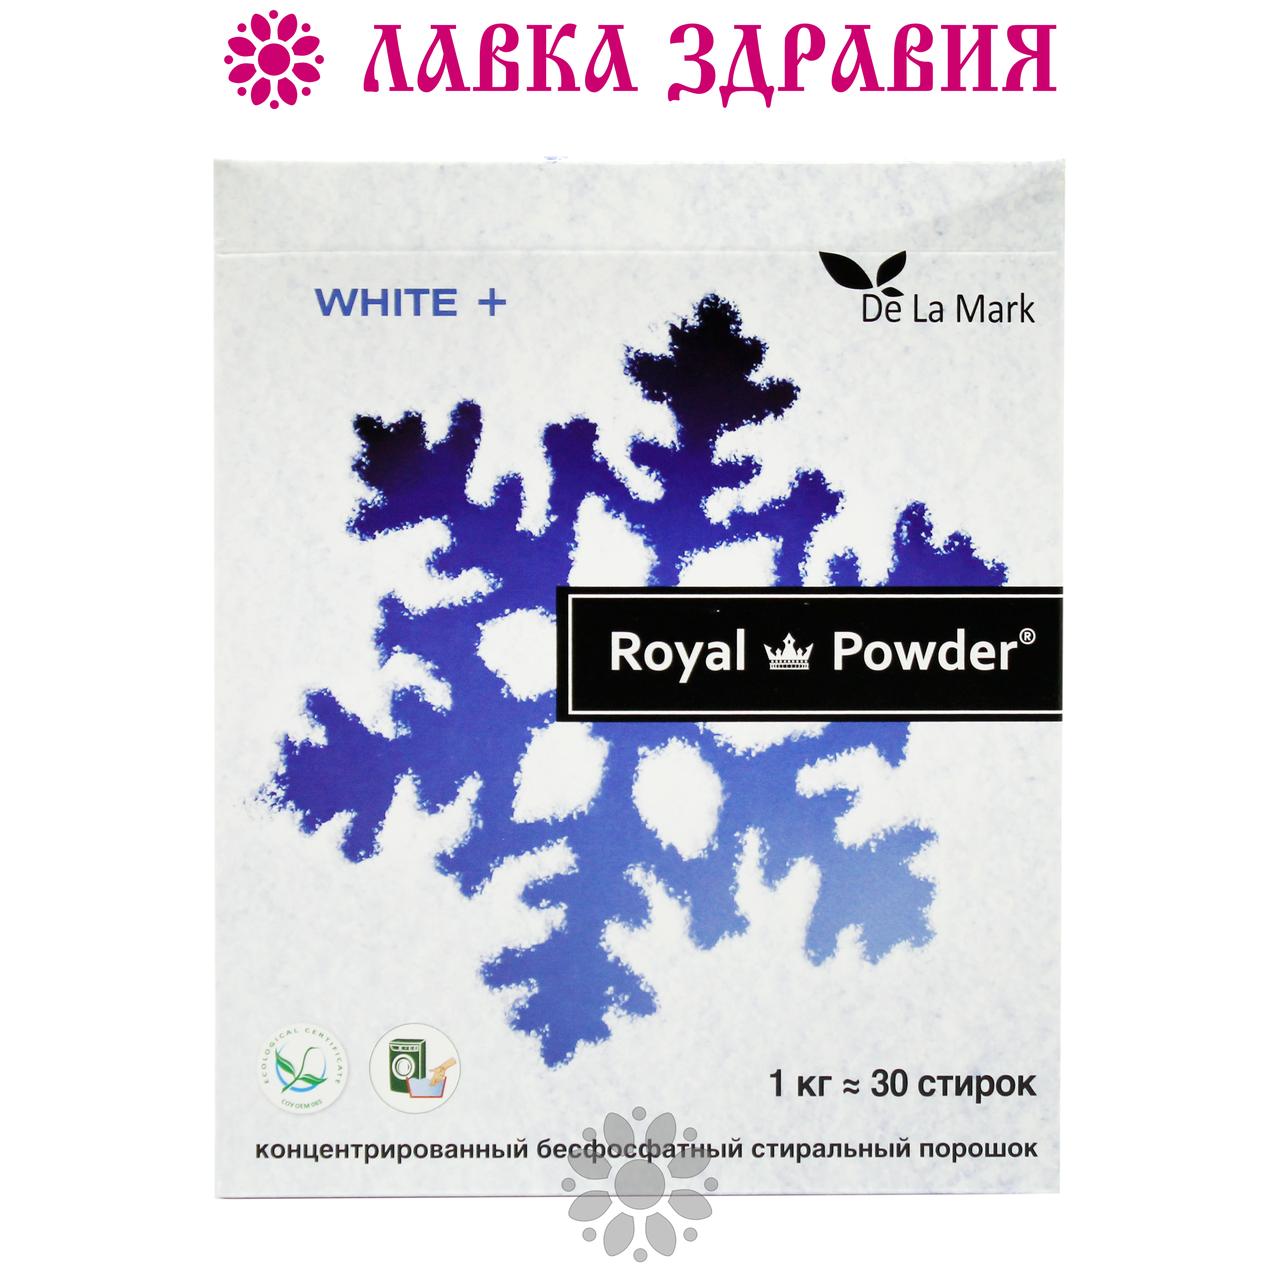 Концентрированный бесфосфатный стиральный порошок Royal Powder White, 1 кг